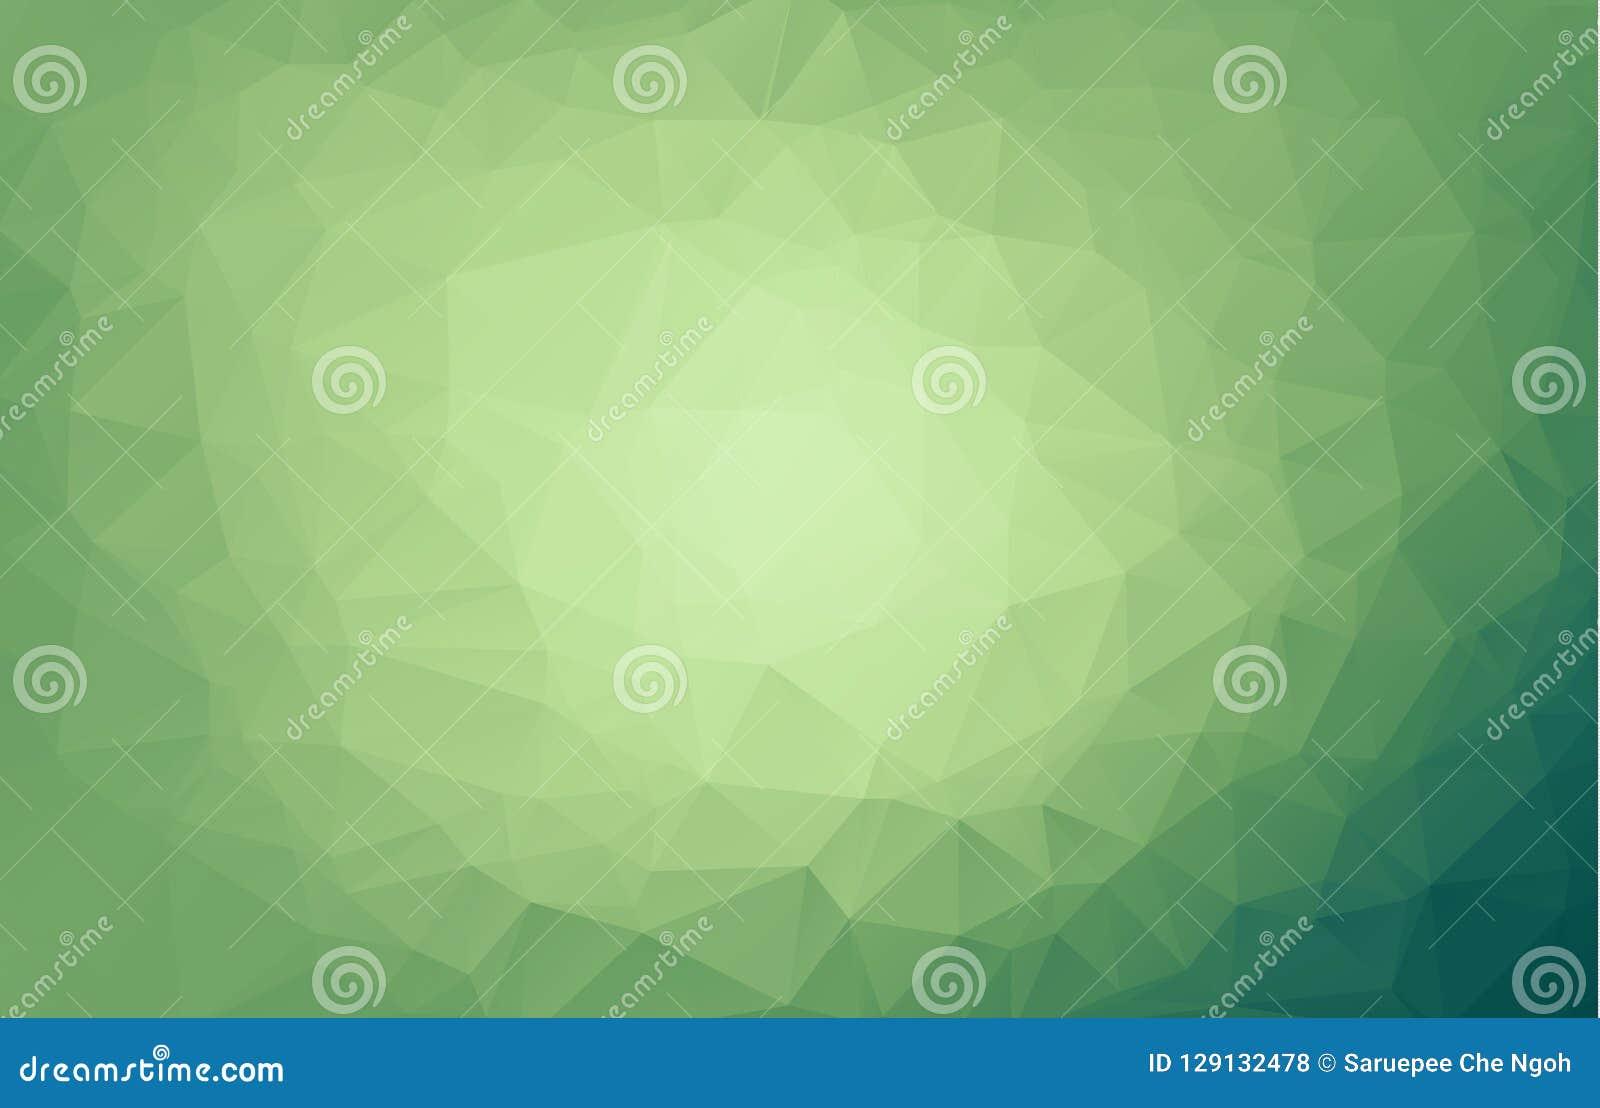 Предпосылка треугольника салатового вектора расплывчатая Элегантная яркая иллюстрация с градиентом Совершенно новый дизайн для ва